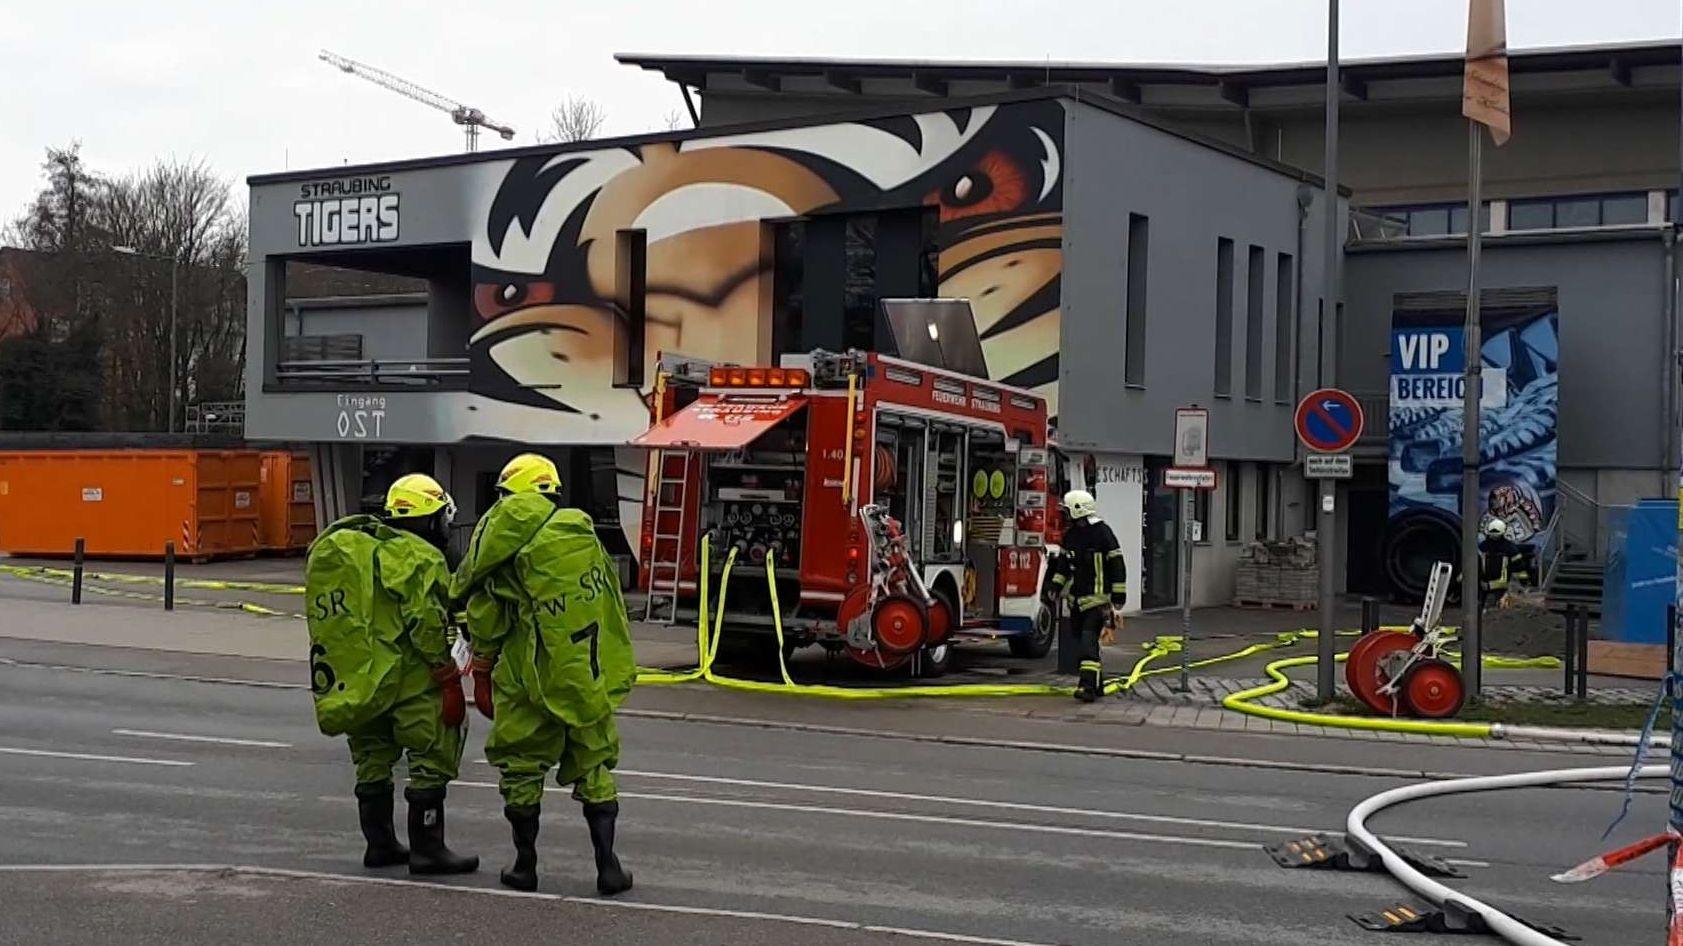 Einsatzkräfte der Feuerwehr vor dem Straubinger Eisstadion